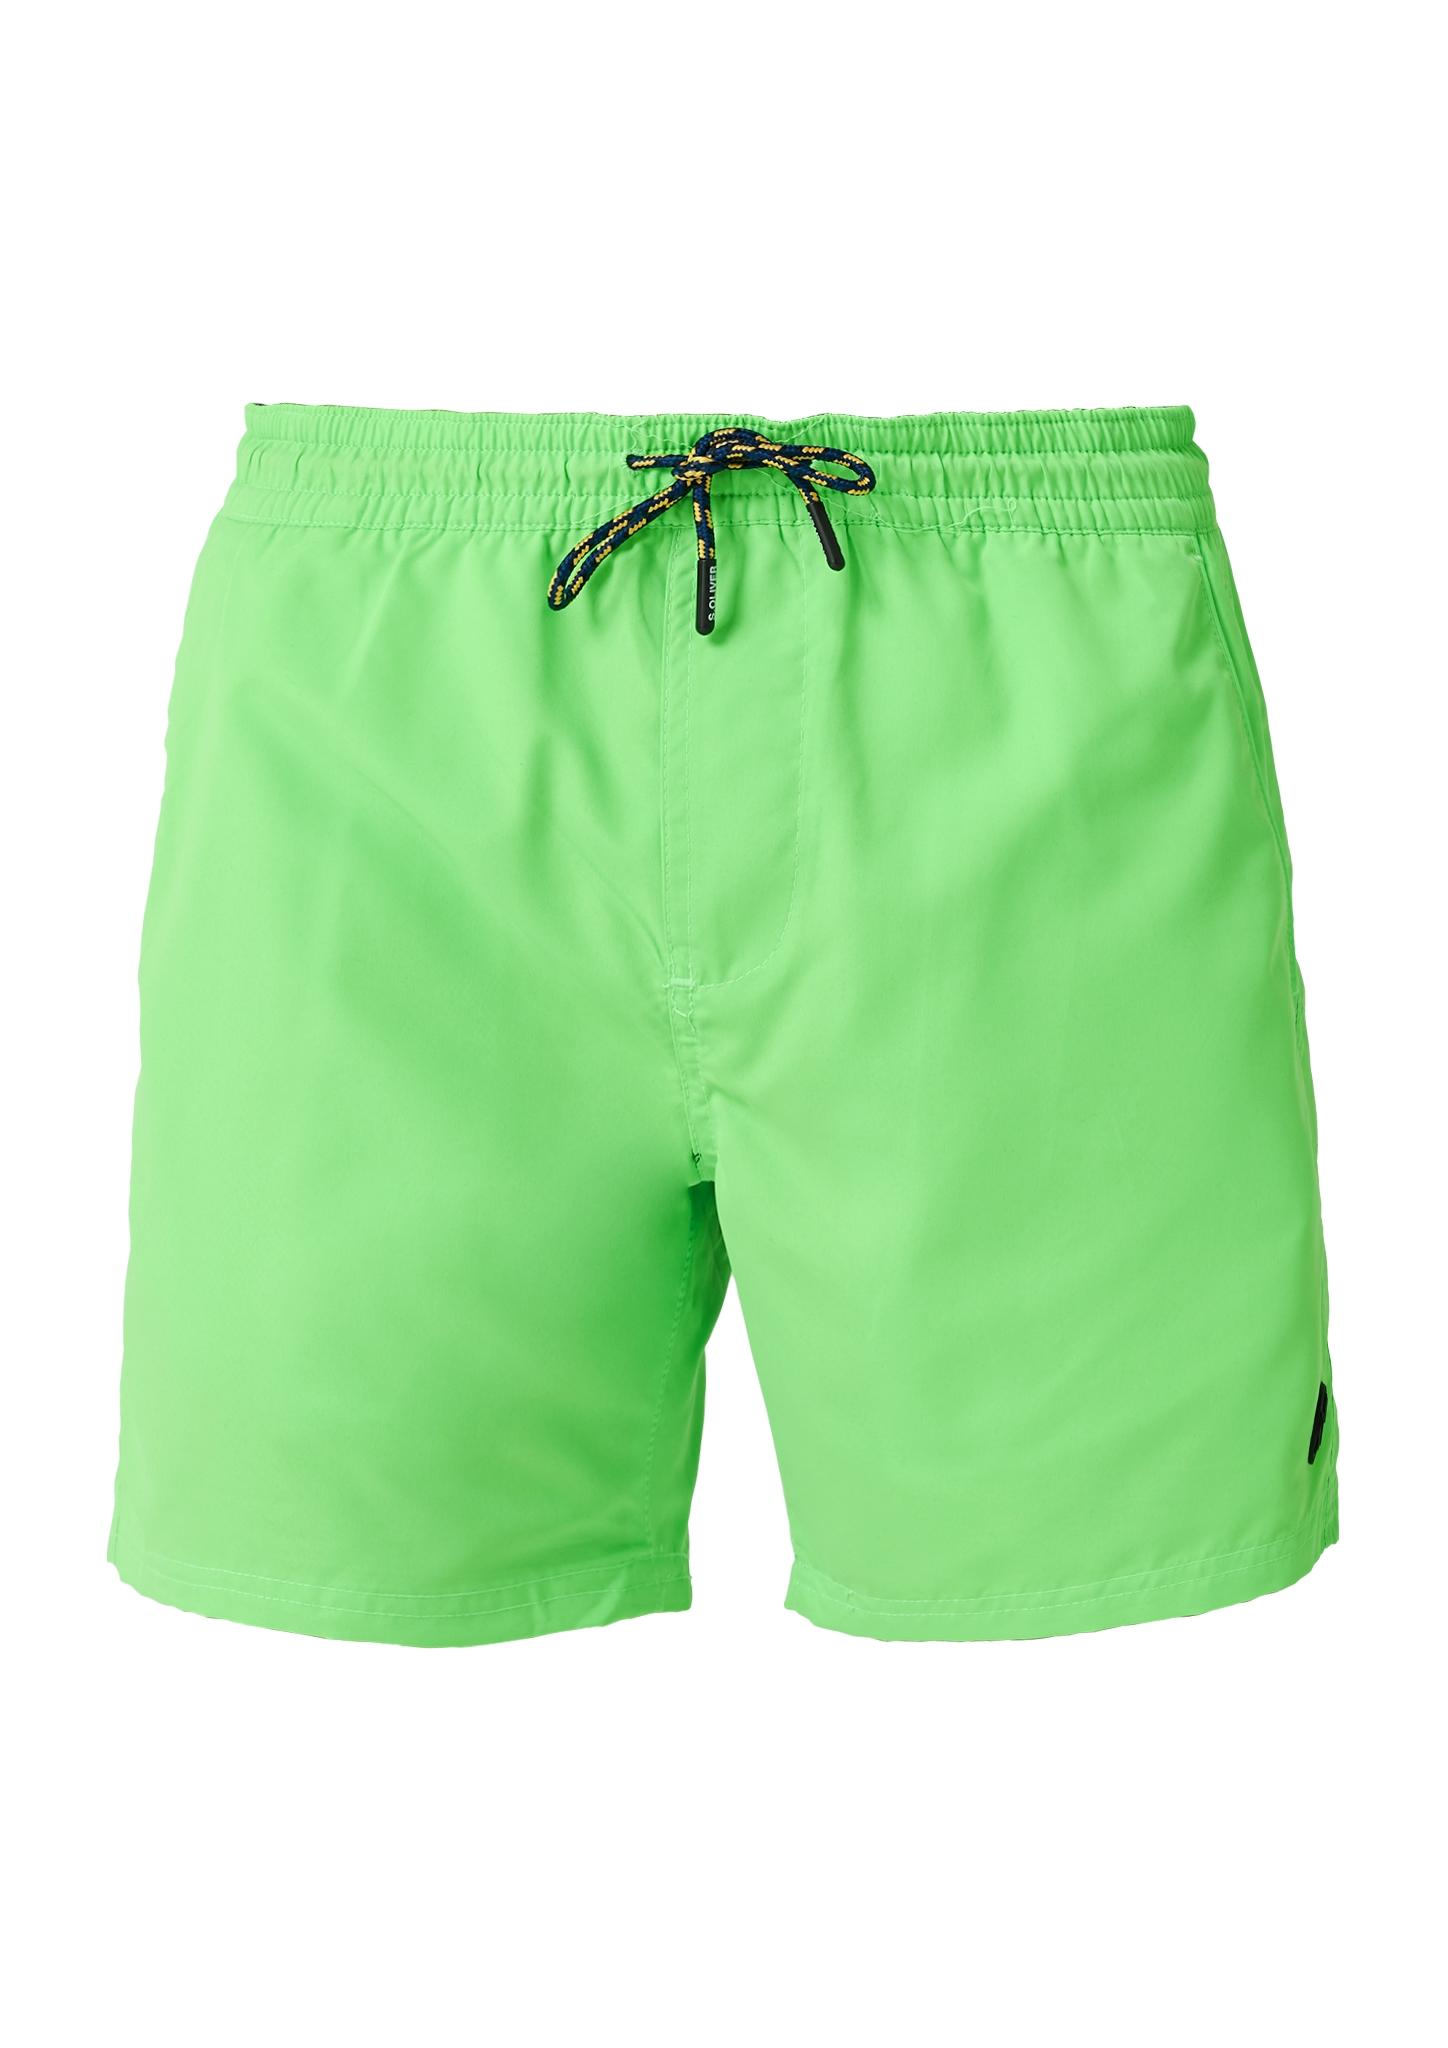 Badehose | Bekleidung > Bademode > Badehosen | Grün | Oberstoff: 100% polyester| futter: 100% polyester | s.Oliver